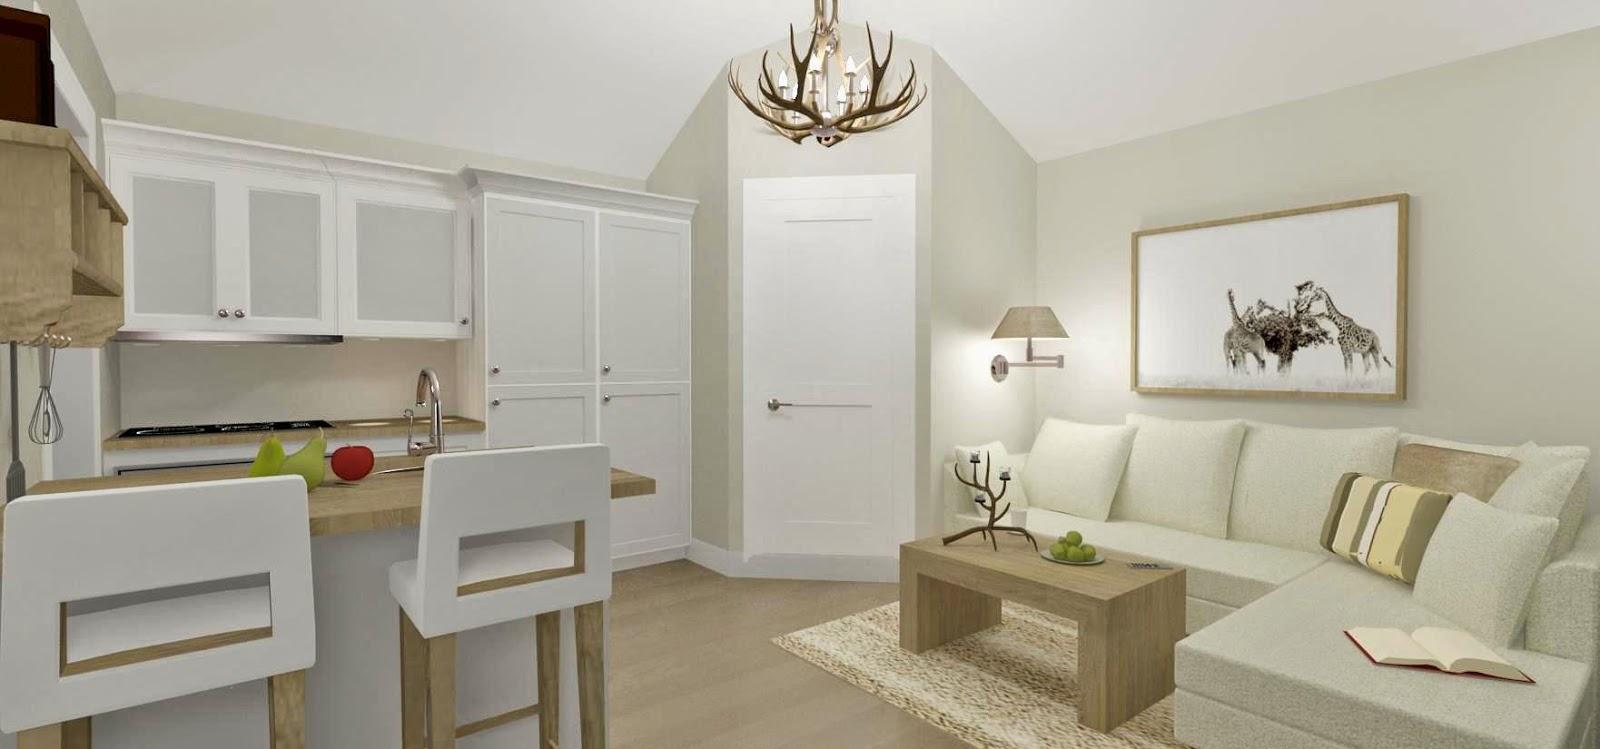 Den Vita Drömgården 25 kvadratiska kvadrat Attefallshus i olika stilar